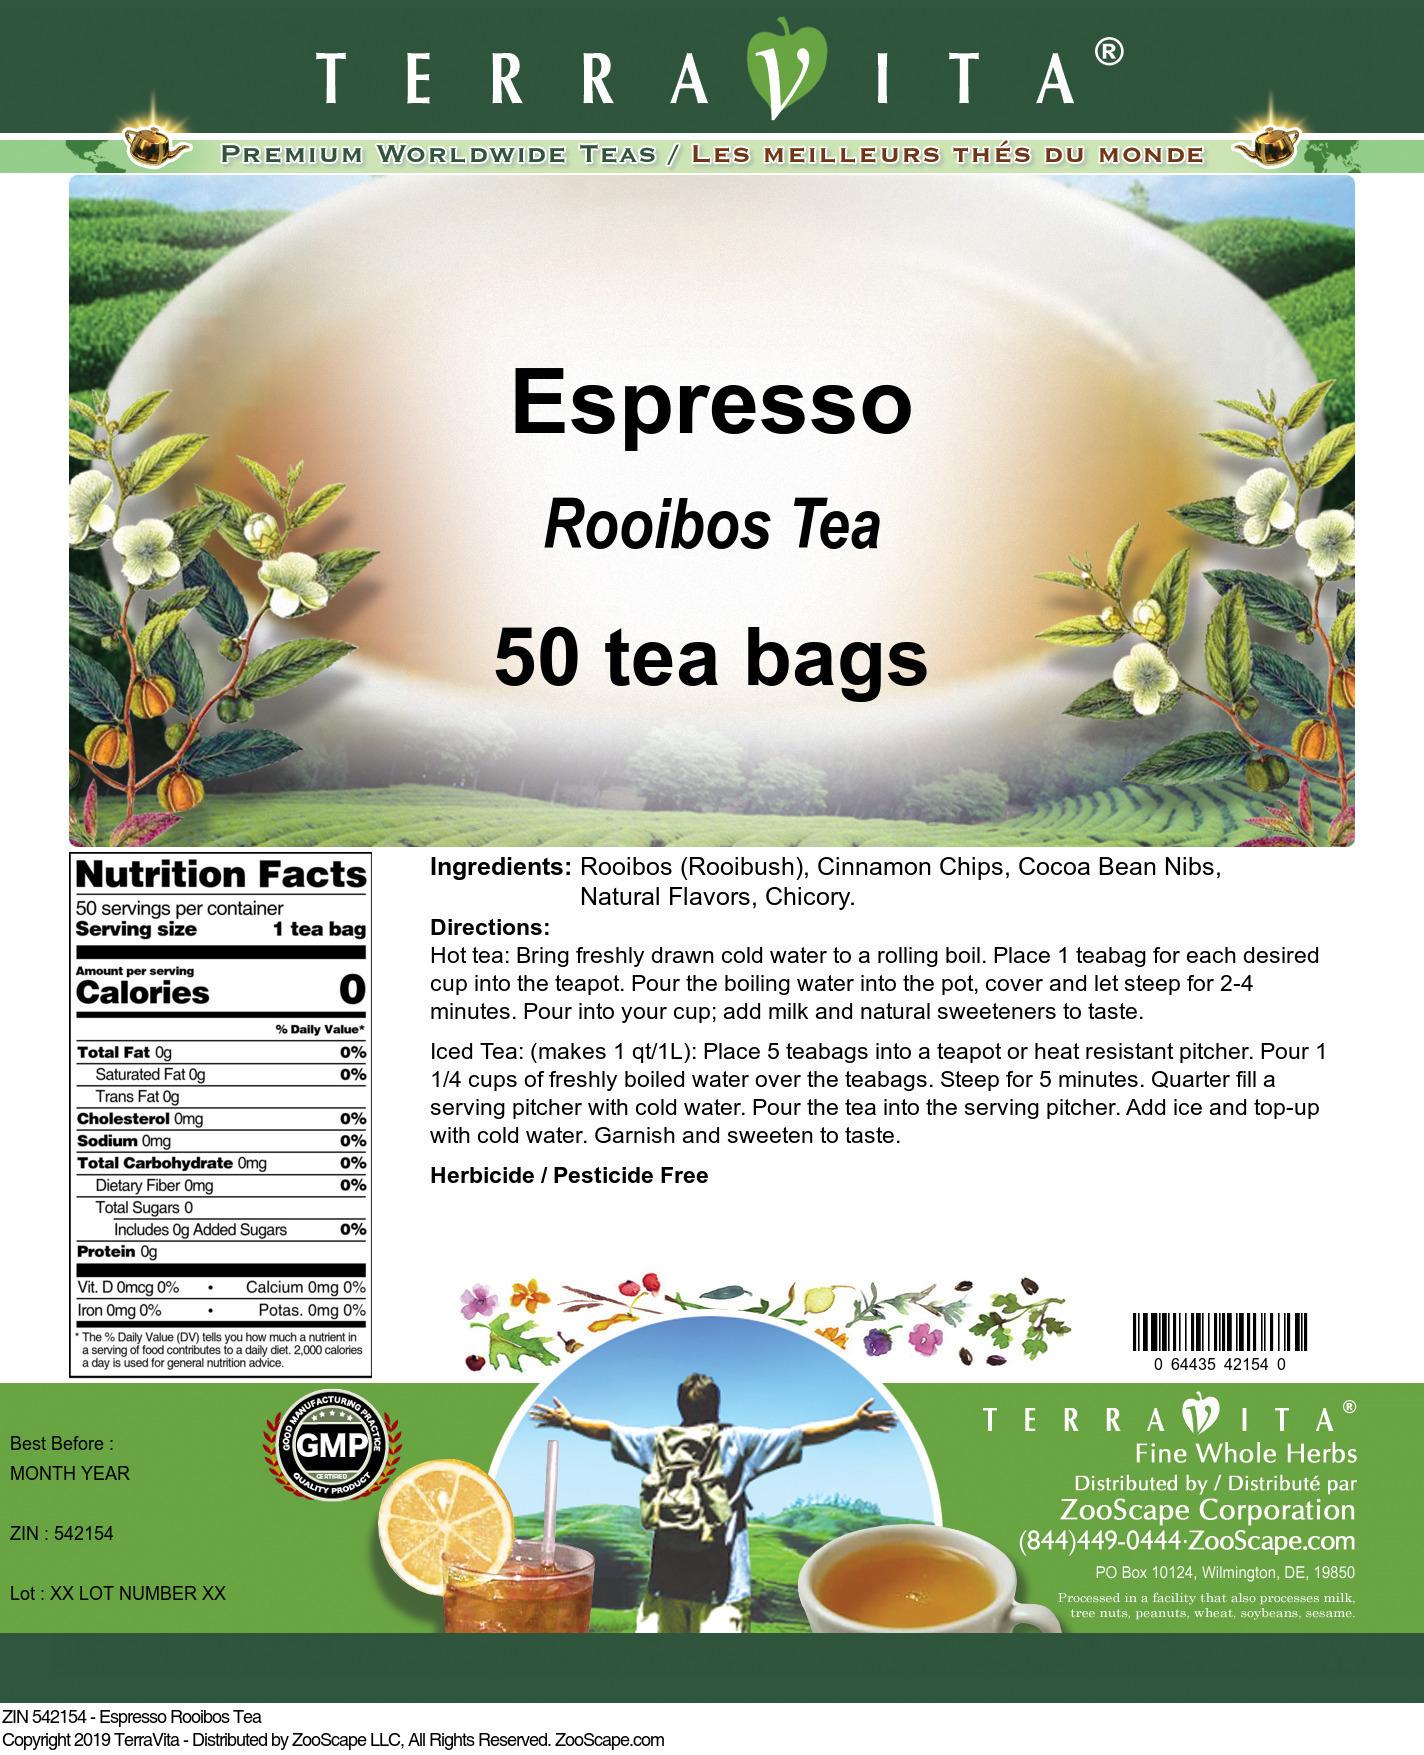 Espresso Rooibos Tea